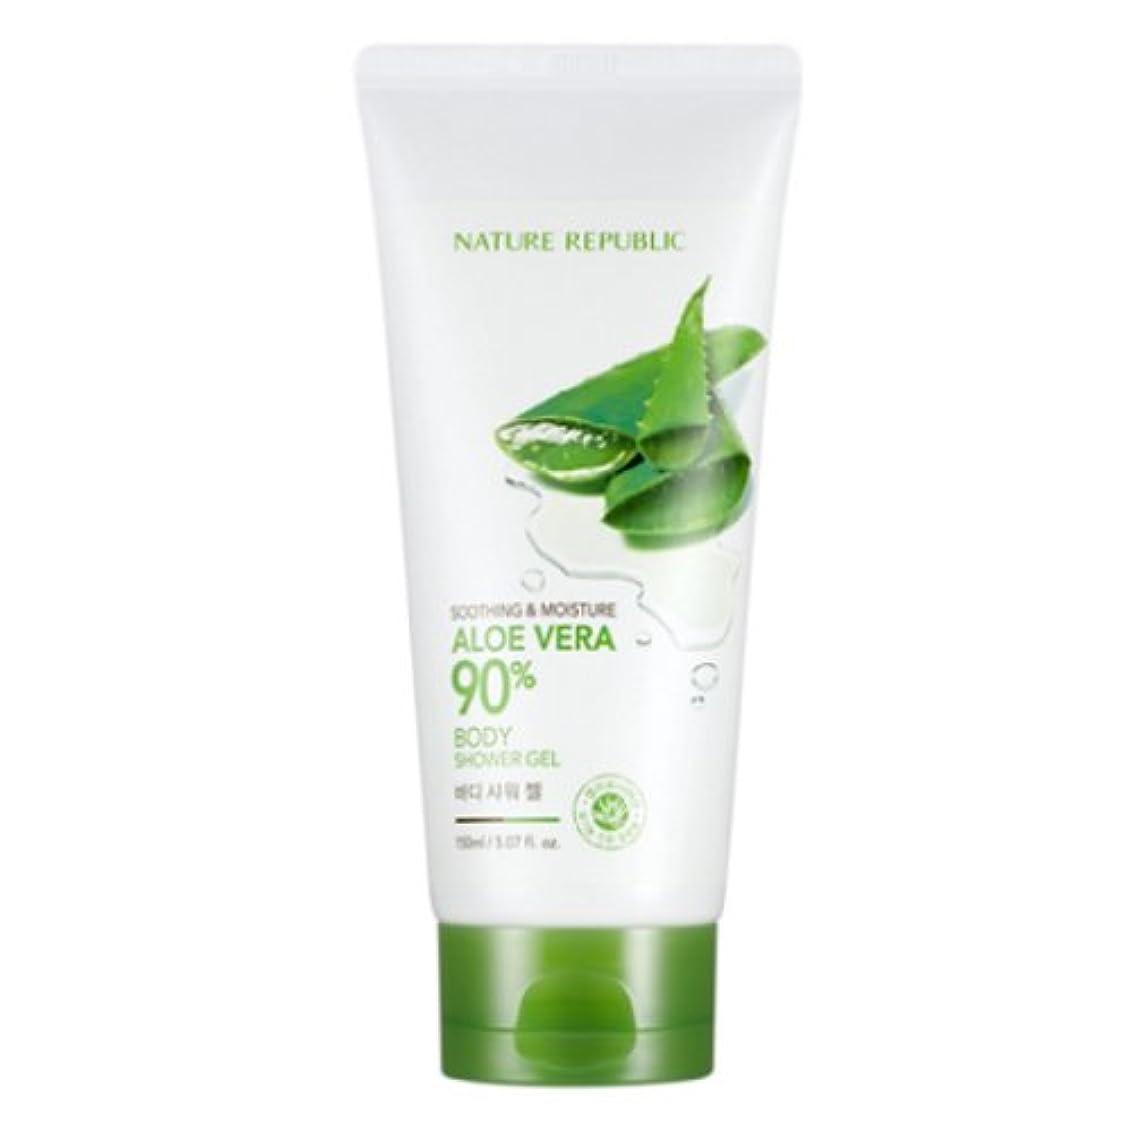 観客対人契約した[ネイチャーリパブリック] Nature republicスージングアンドモイスチャーアロエベラ90%ボディシャワージェル海外直送品(Soothing And Moisture Aloe Vera90%Body Shower...